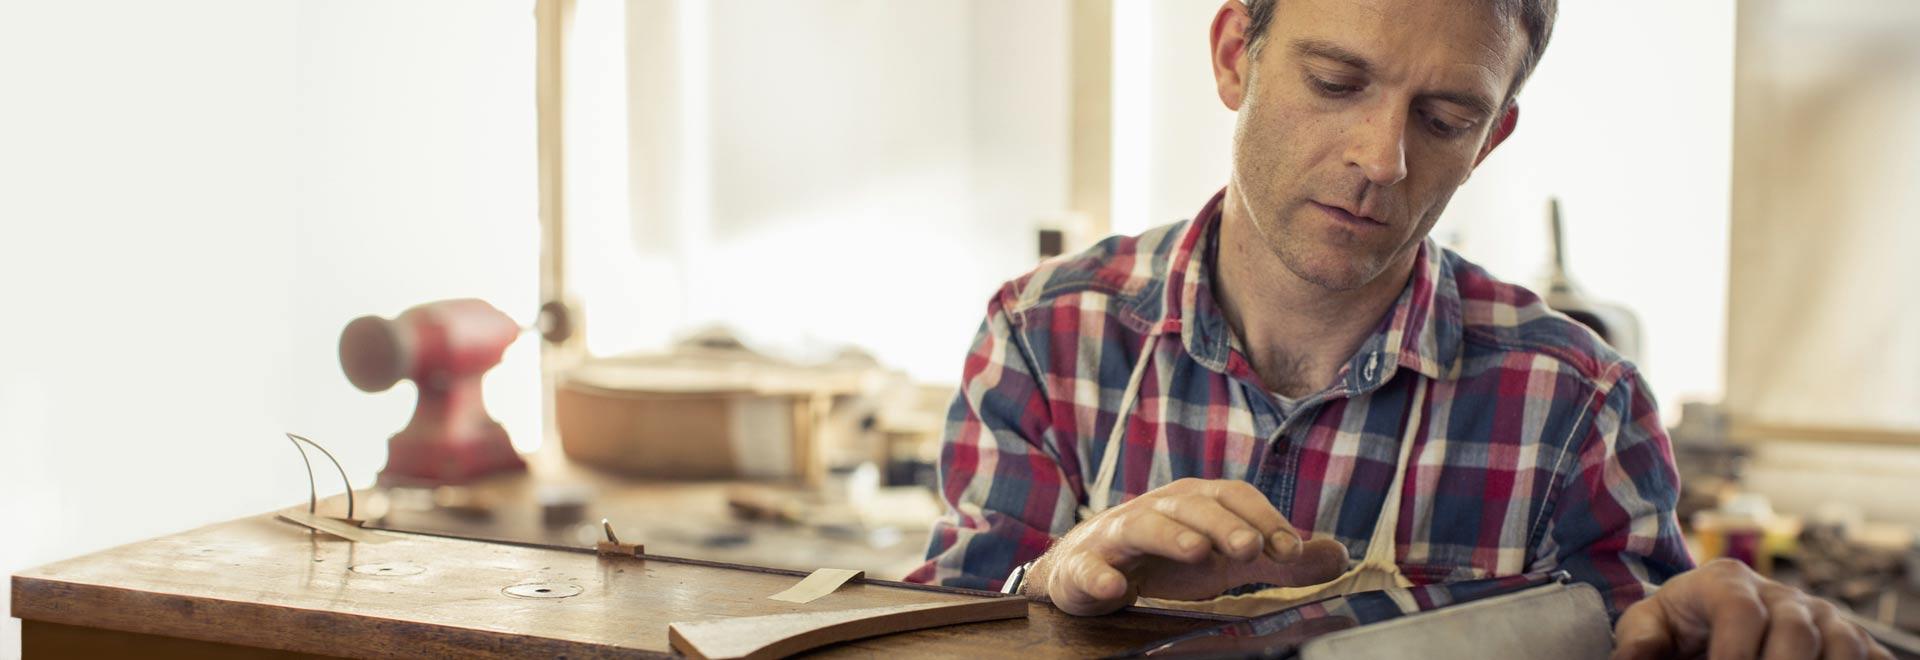 Homem em uma oficina usando o Office 365 Business no tablet